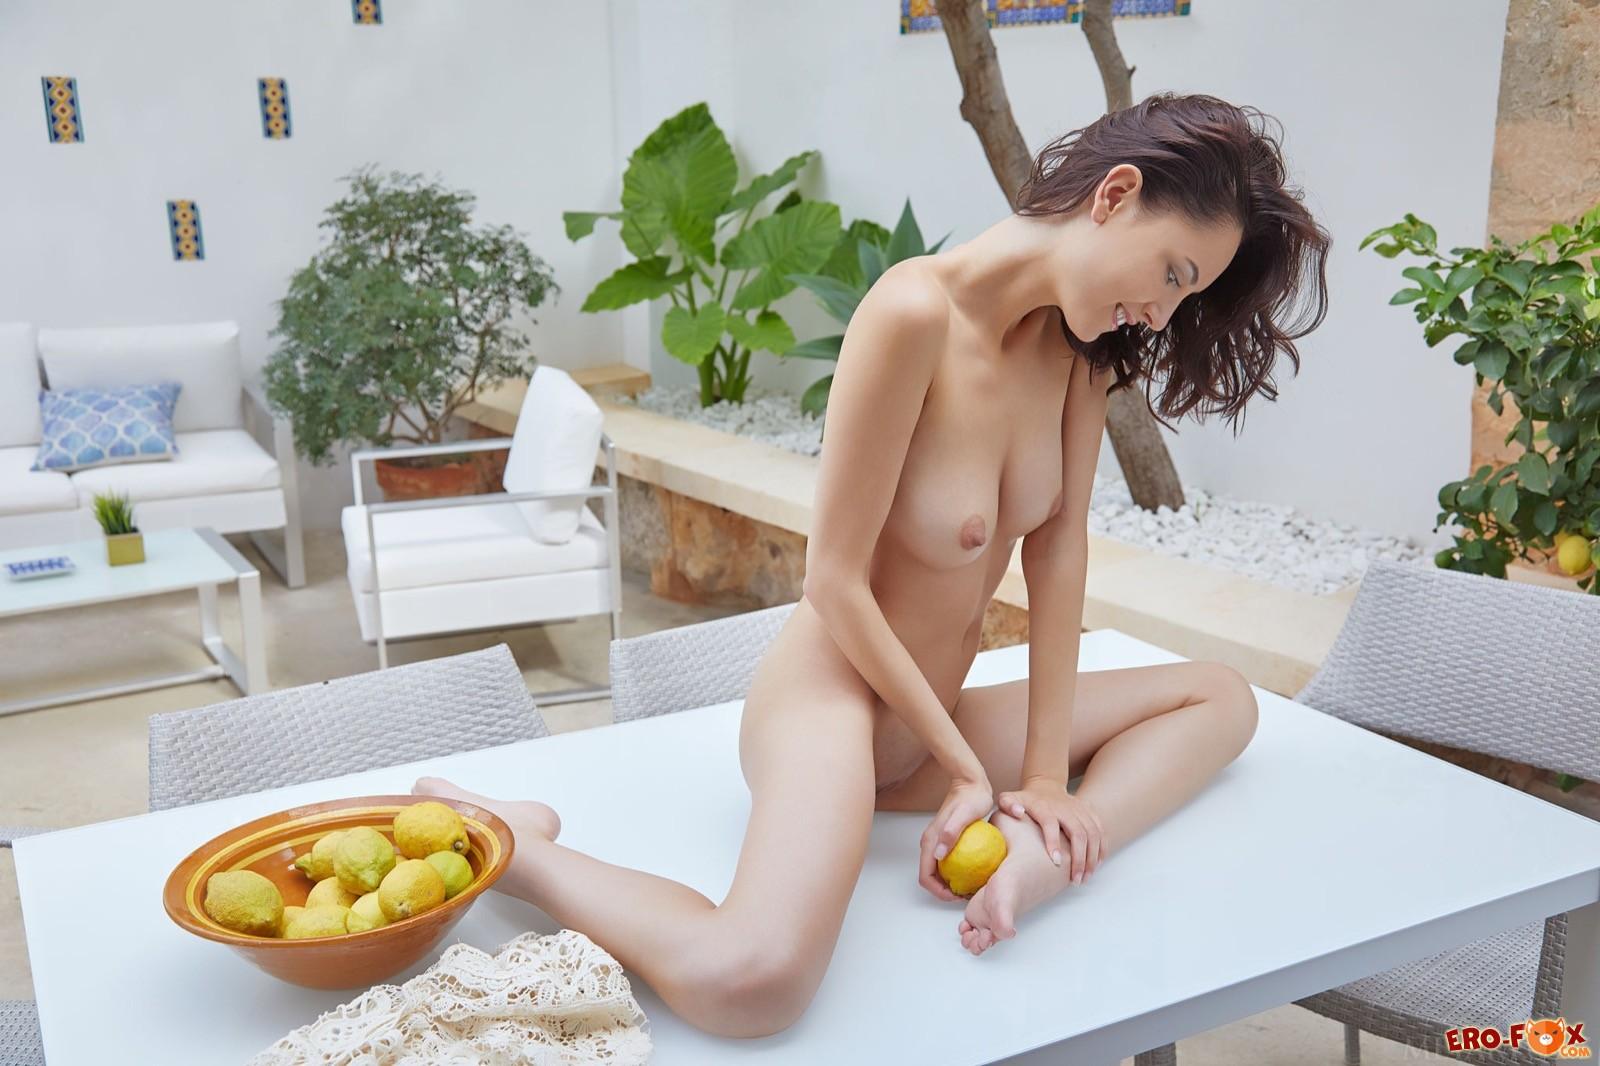 Худая длинноногая девица голая лежит на столе - фото